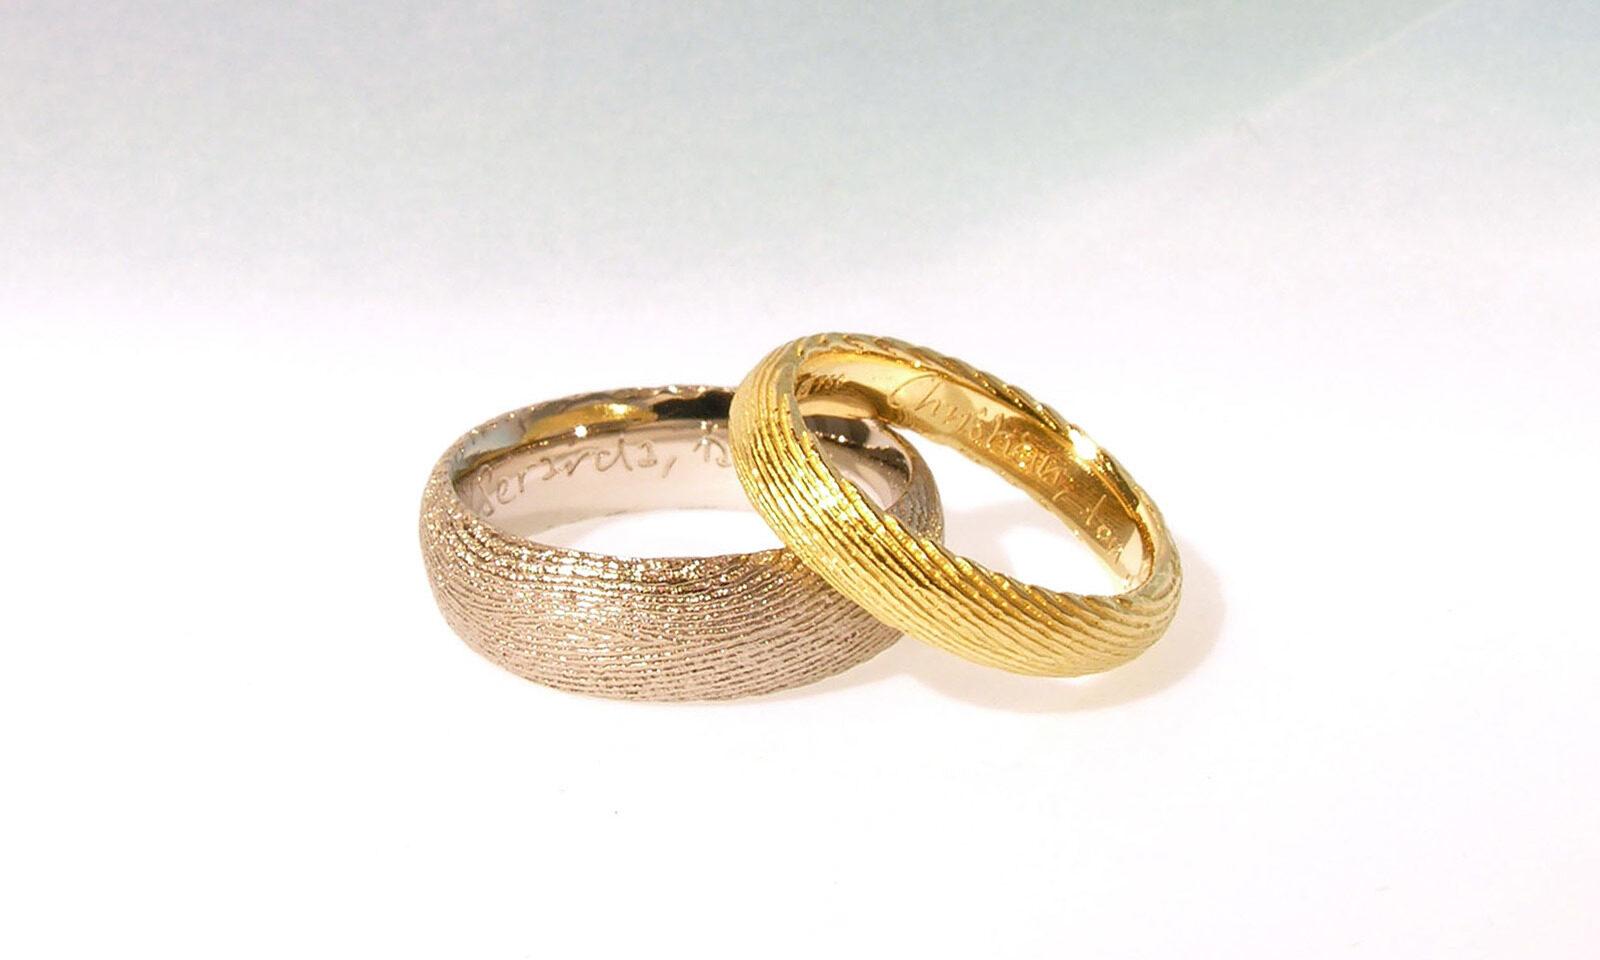 Ossa Sepia Trauringe. Ringe Ossa Sepia-Guss in Gelbgold 750 und Palladium 950, individuelle Anfertigung für Kunden